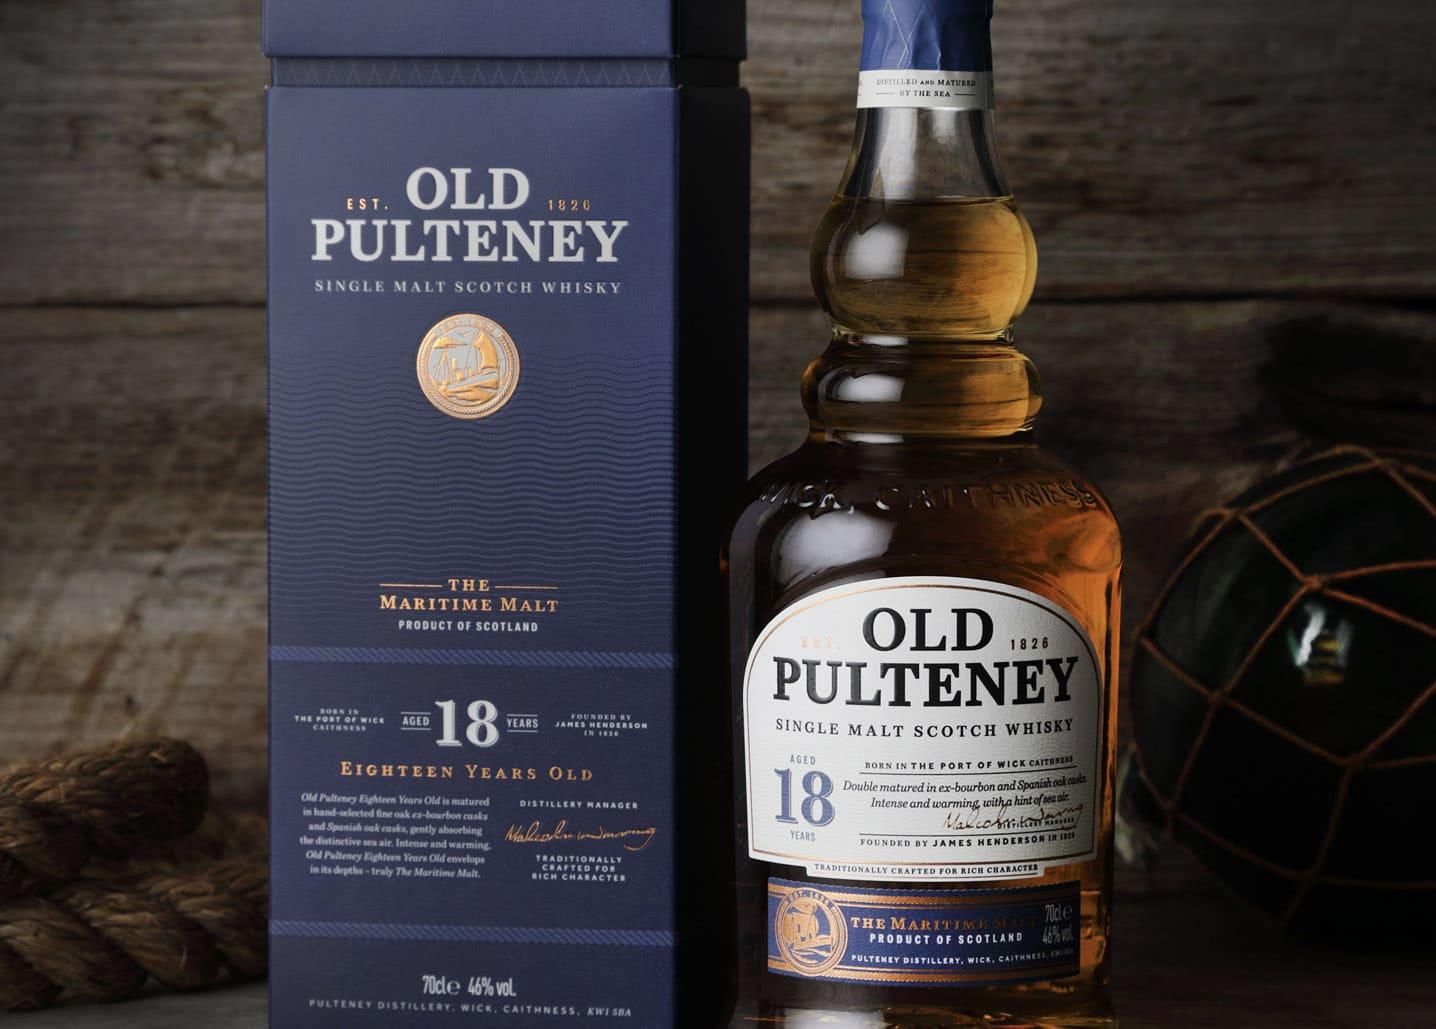 Nueva gama de Old Pulteney - Todo Whisky